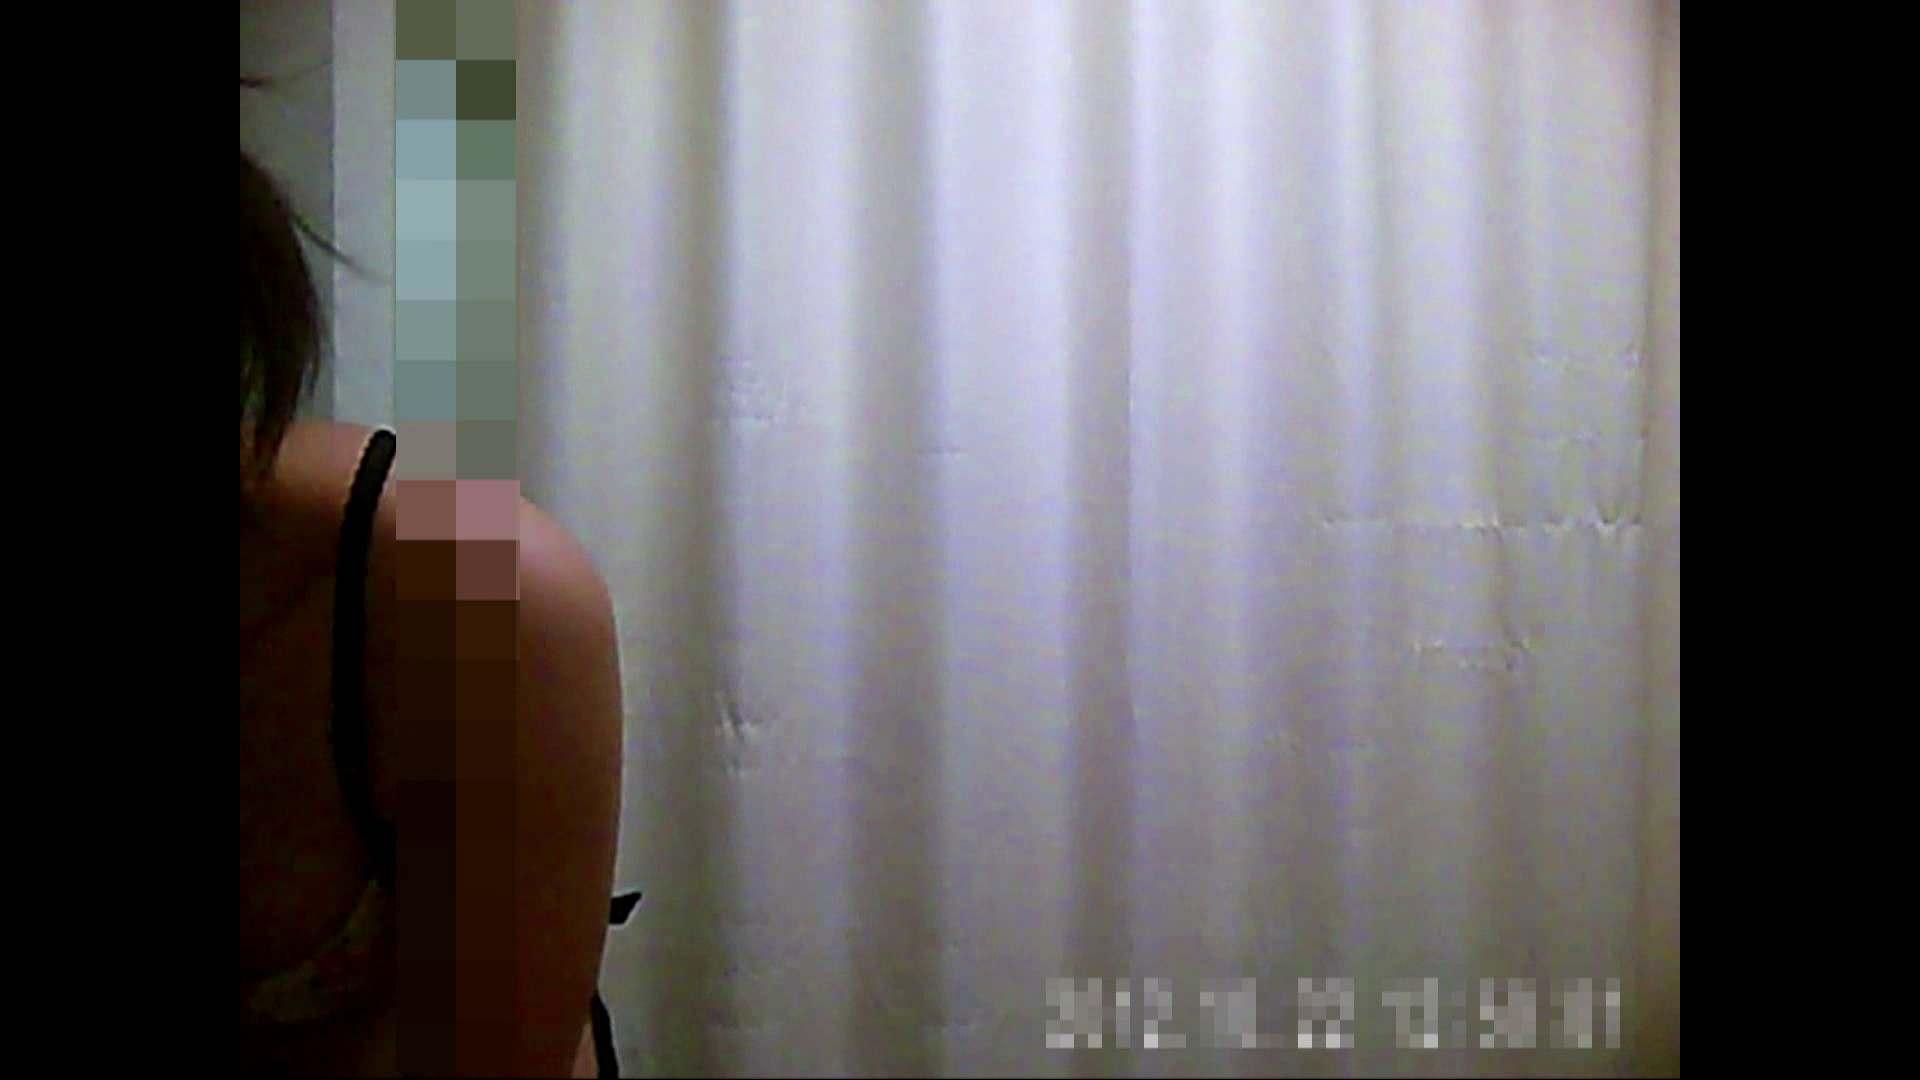 病院おもいっきり着替え! vol.246 巨乳 オメコ動画キャプチャ 92pic 75